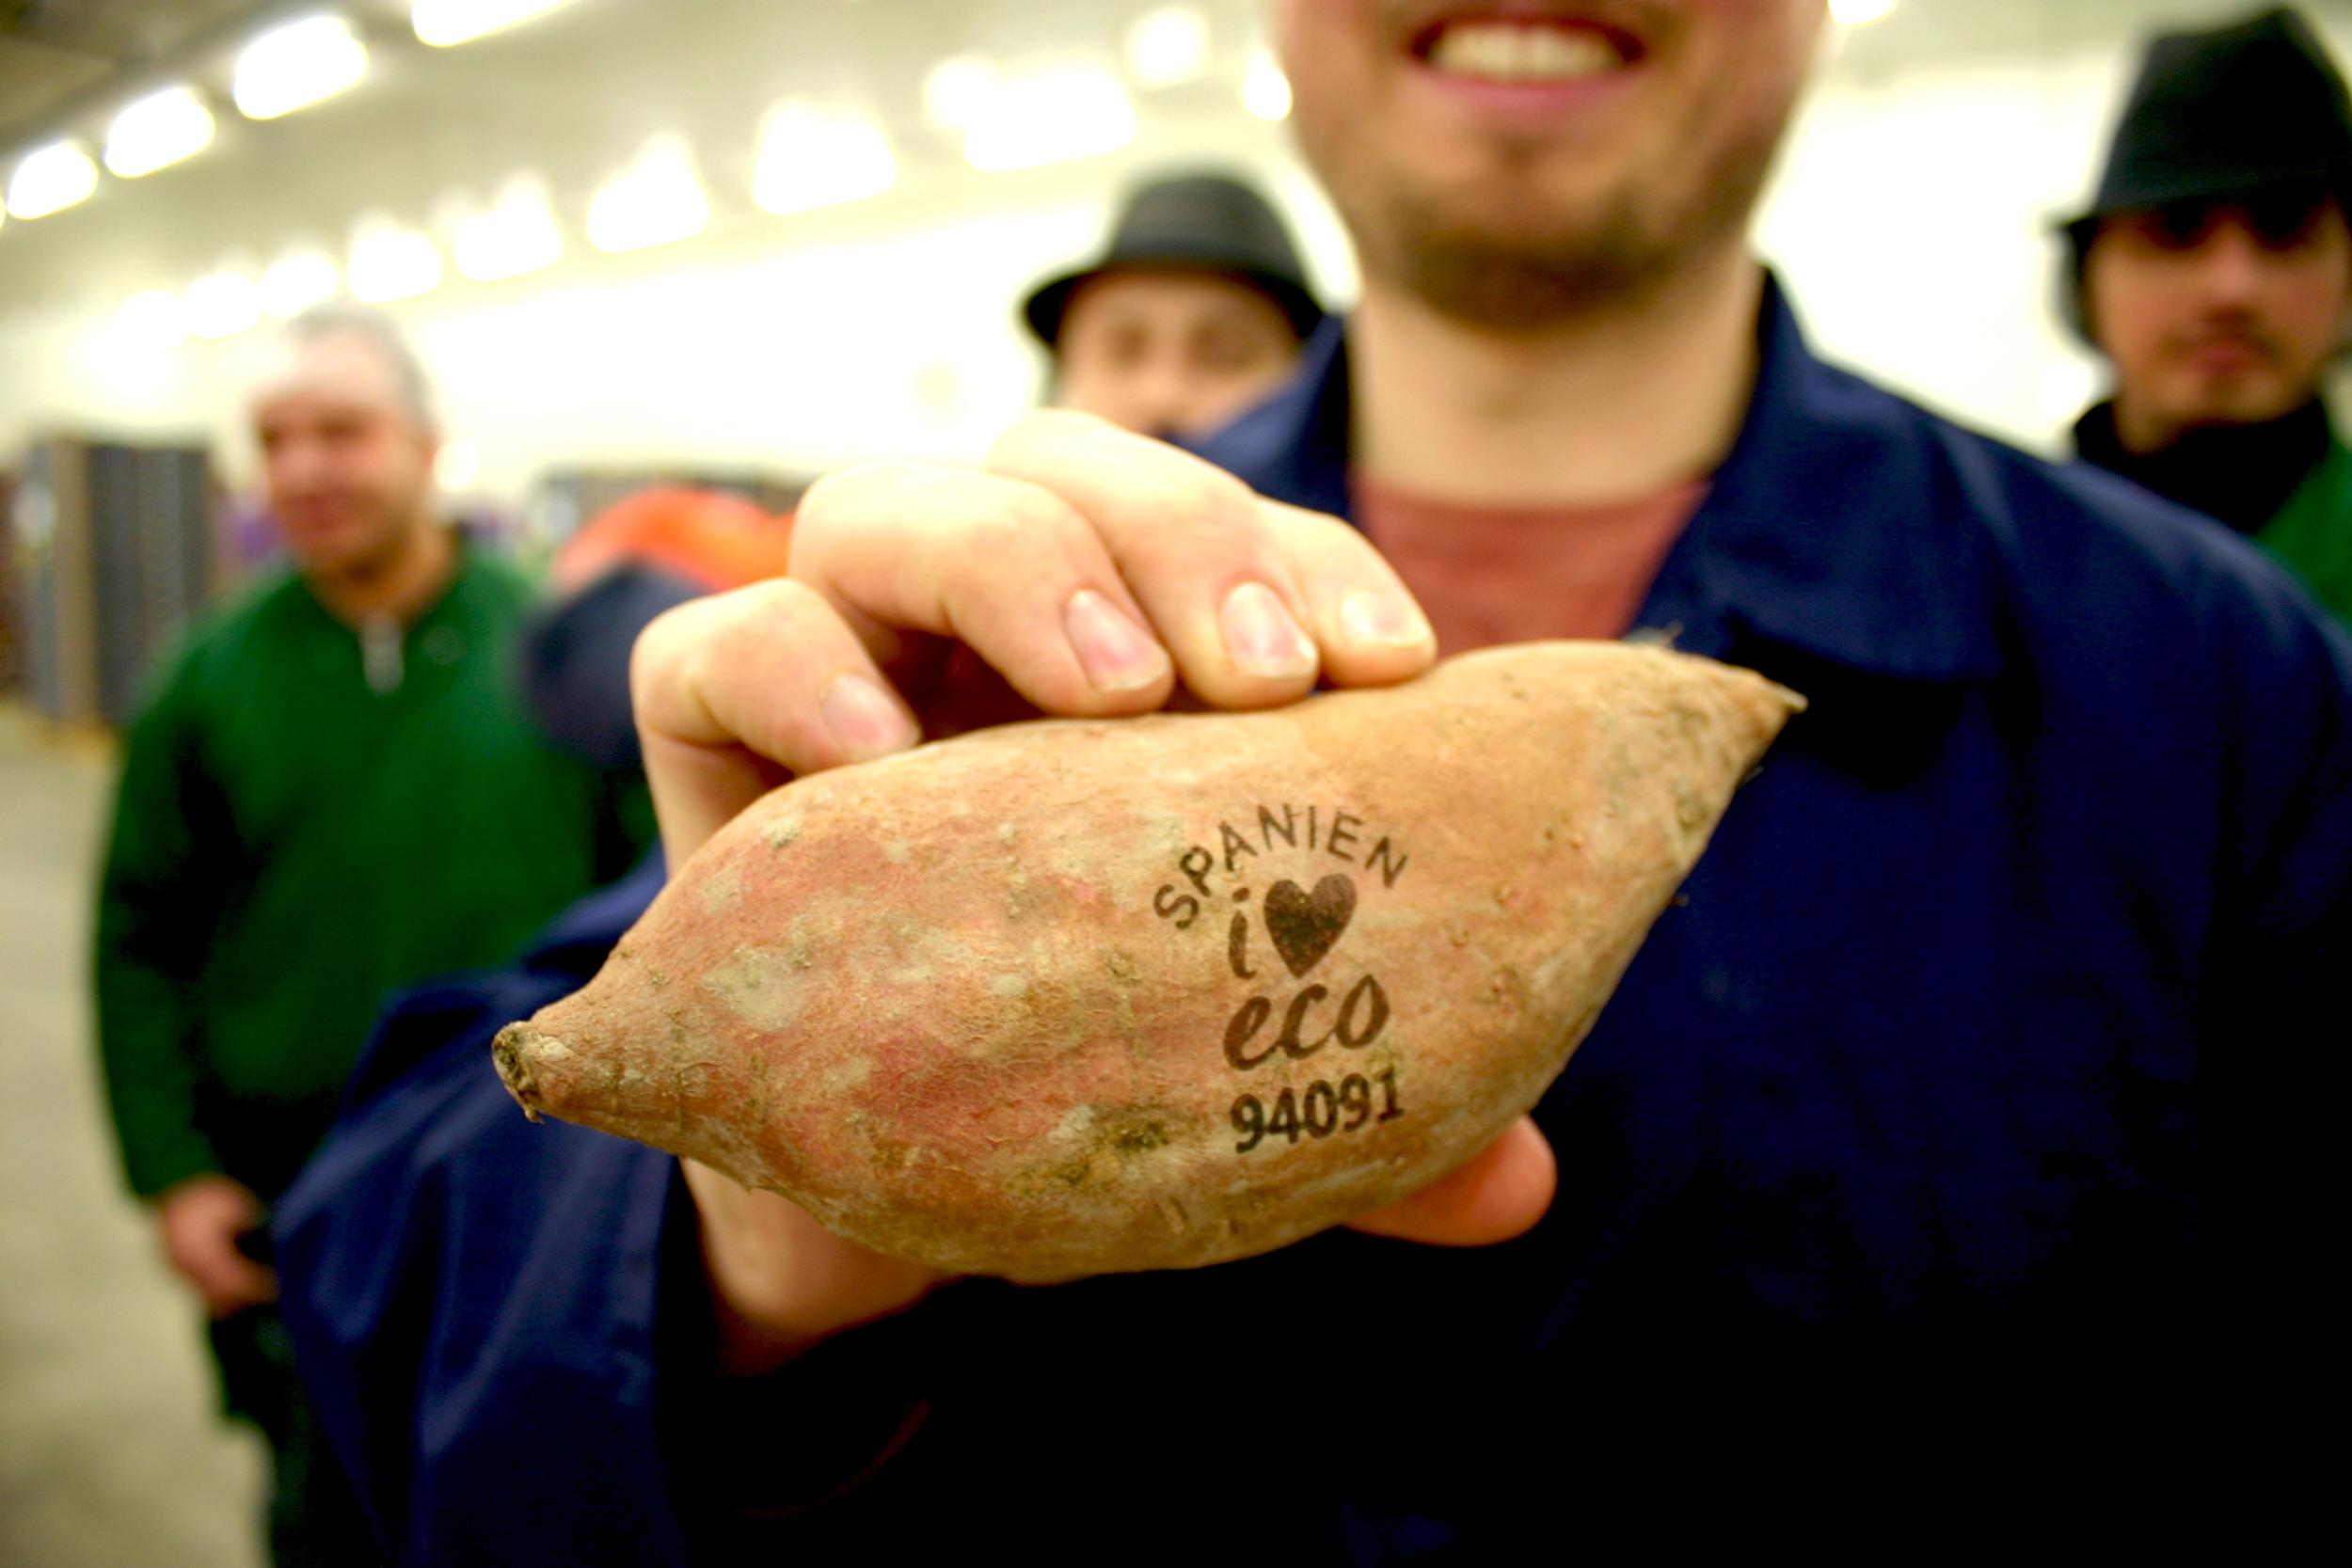 Licht-Tattoos statt Plastikhülle - Bald könnte Biogemüse ganz ohne Verpackung auskommen